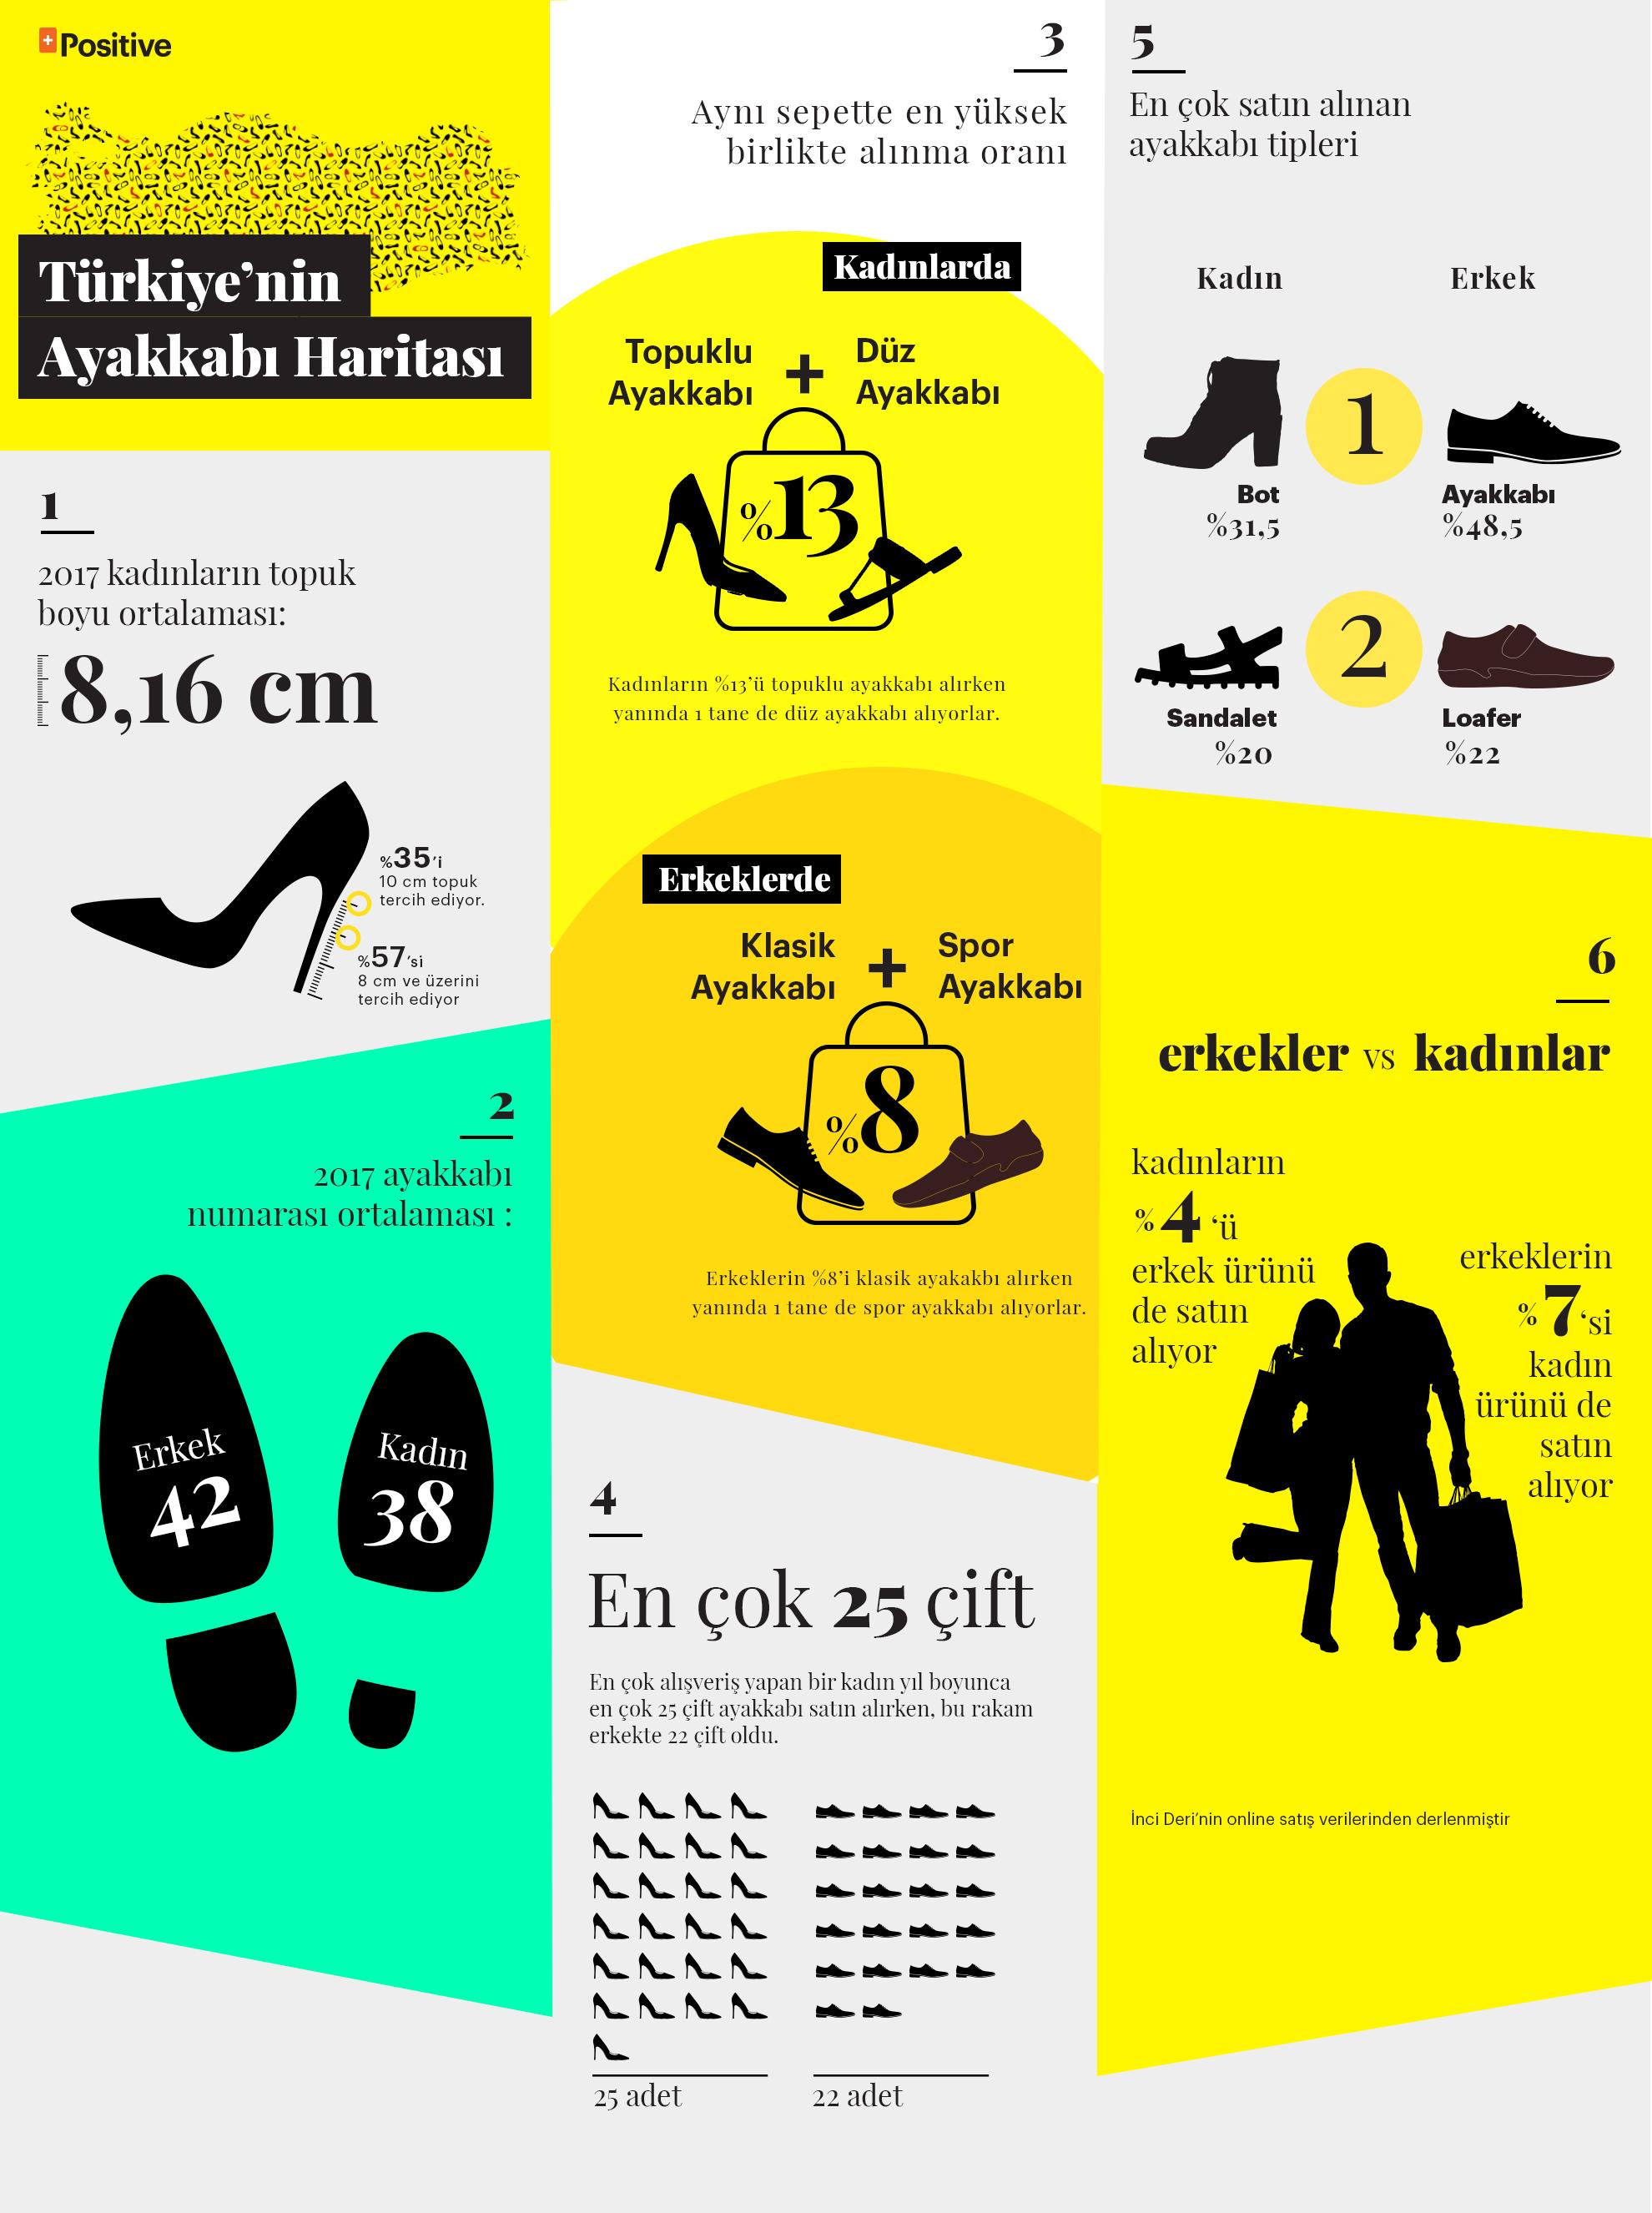 Türkiye'nin ayakkabı numarası kadınlarda 38, erkeklerde 42